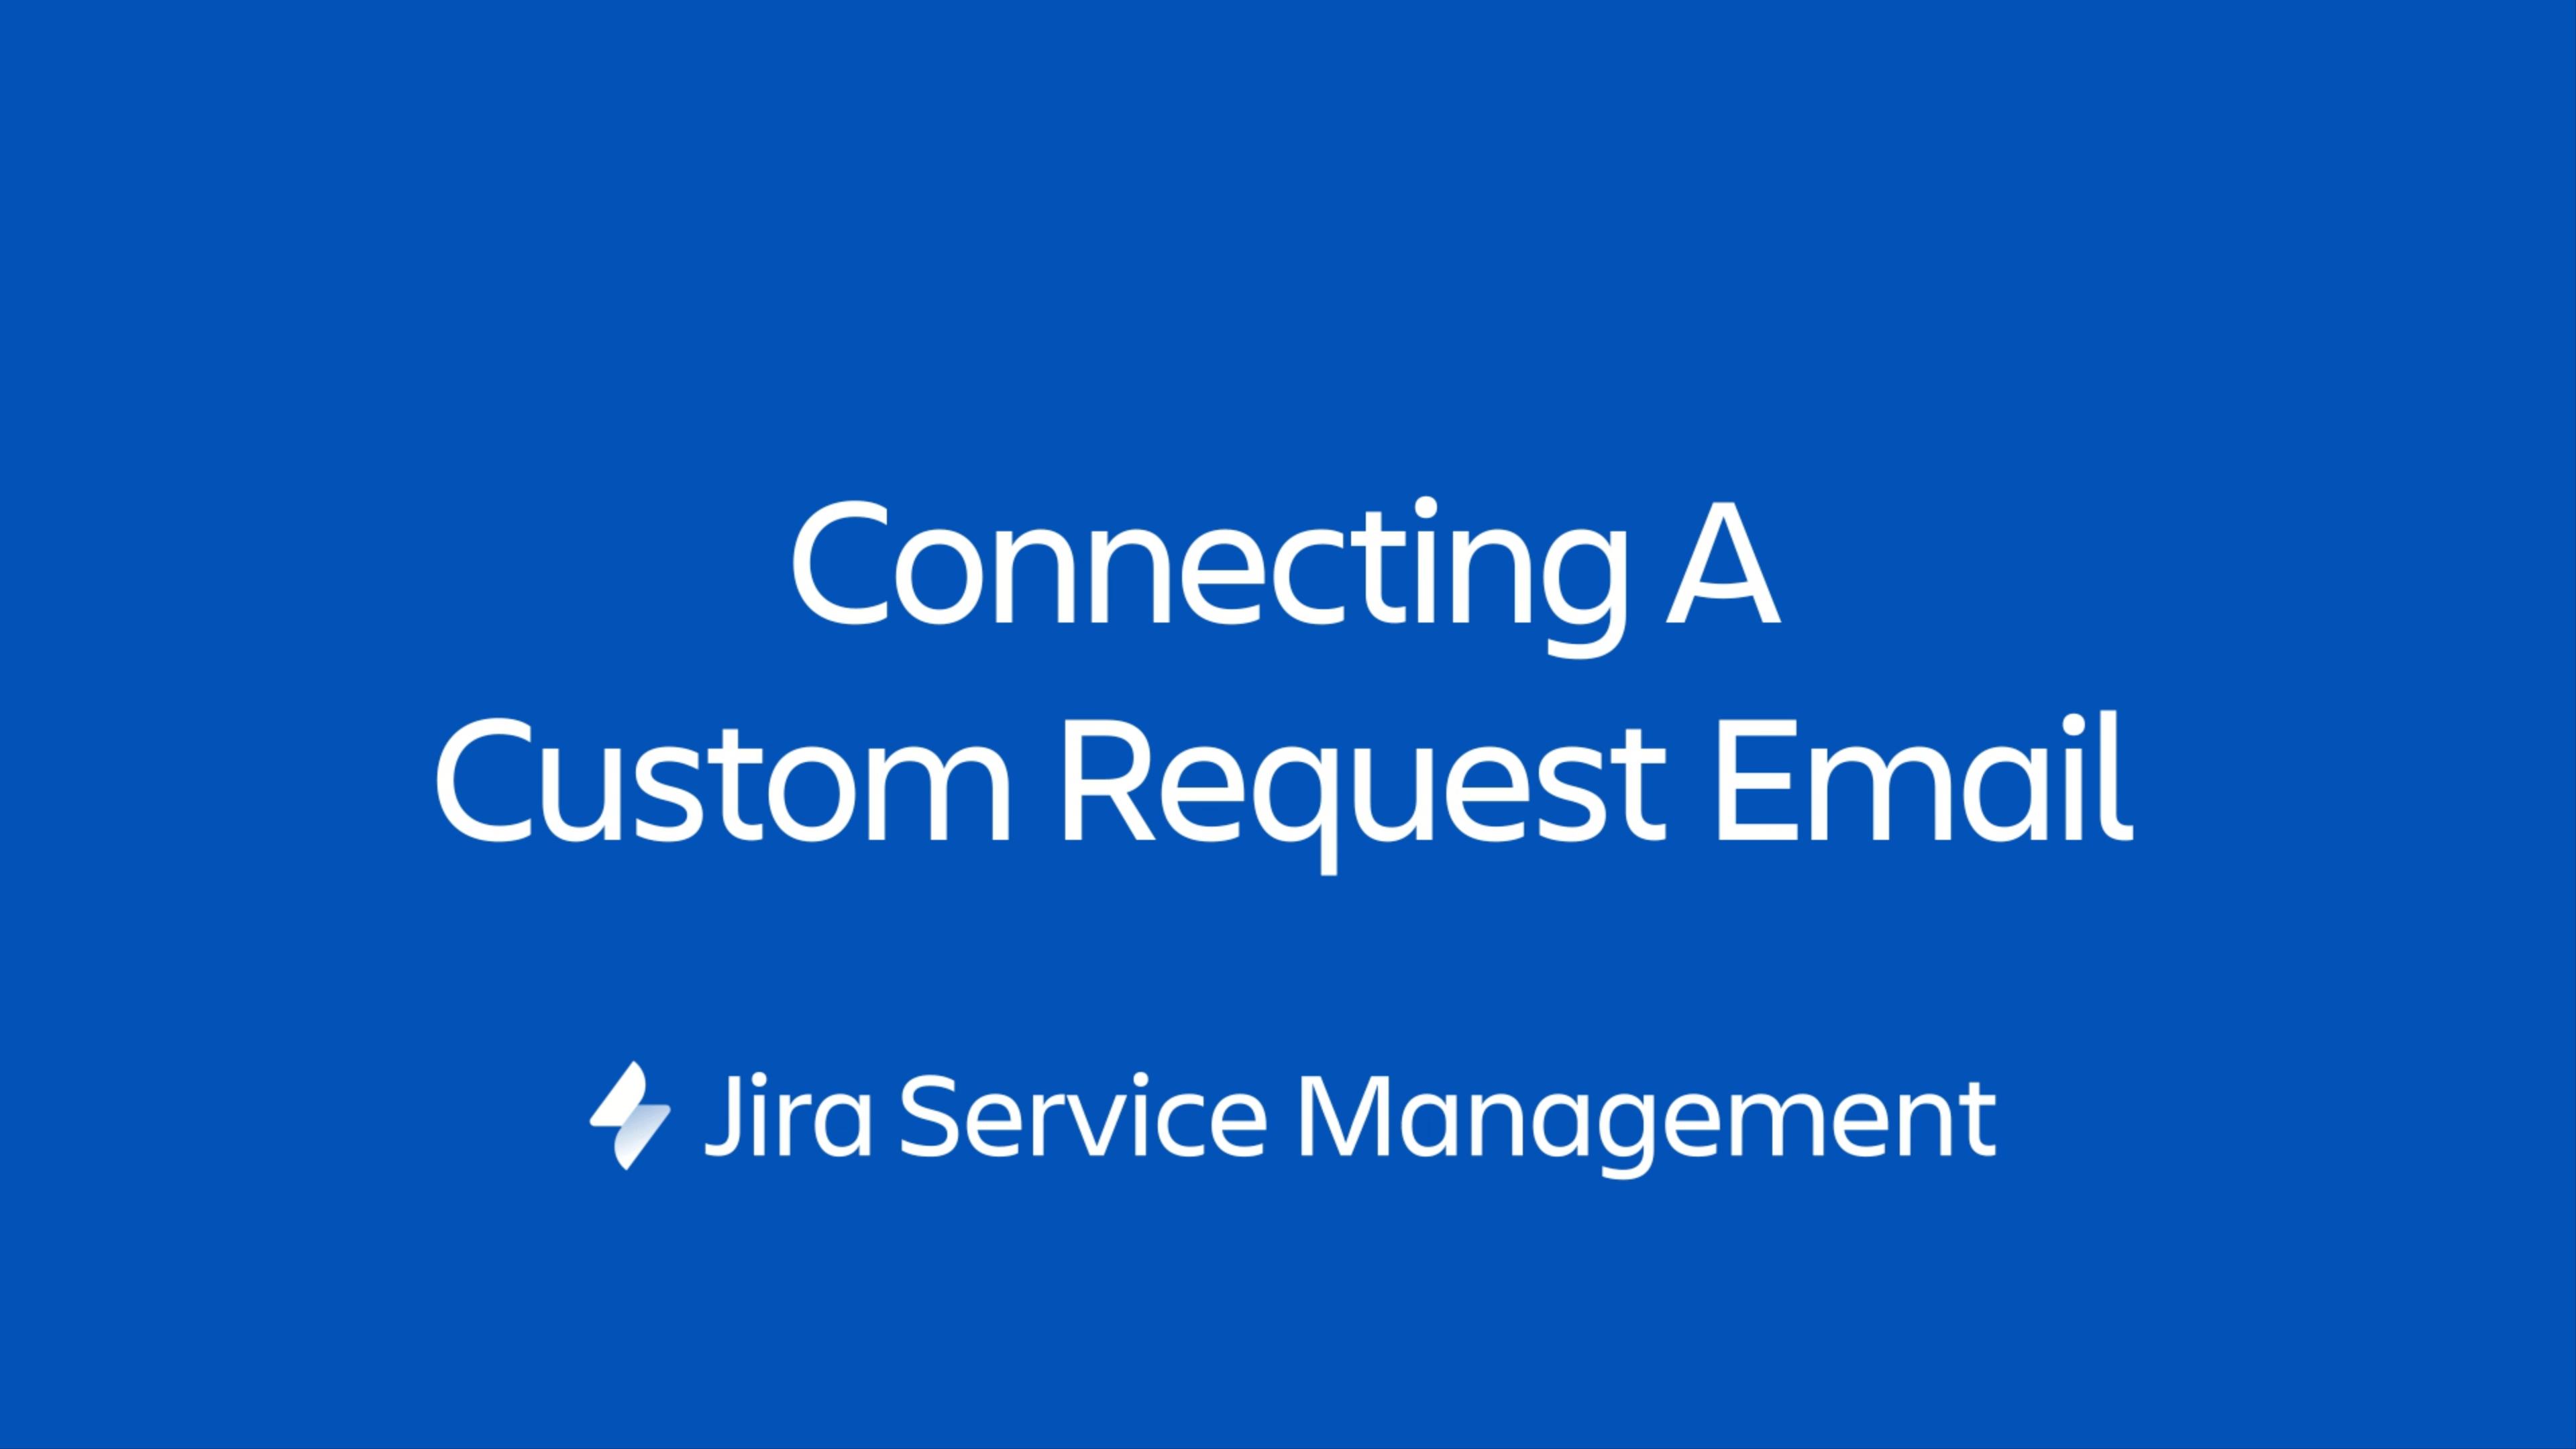 Подключение электронной почты клиента для отправки запросов